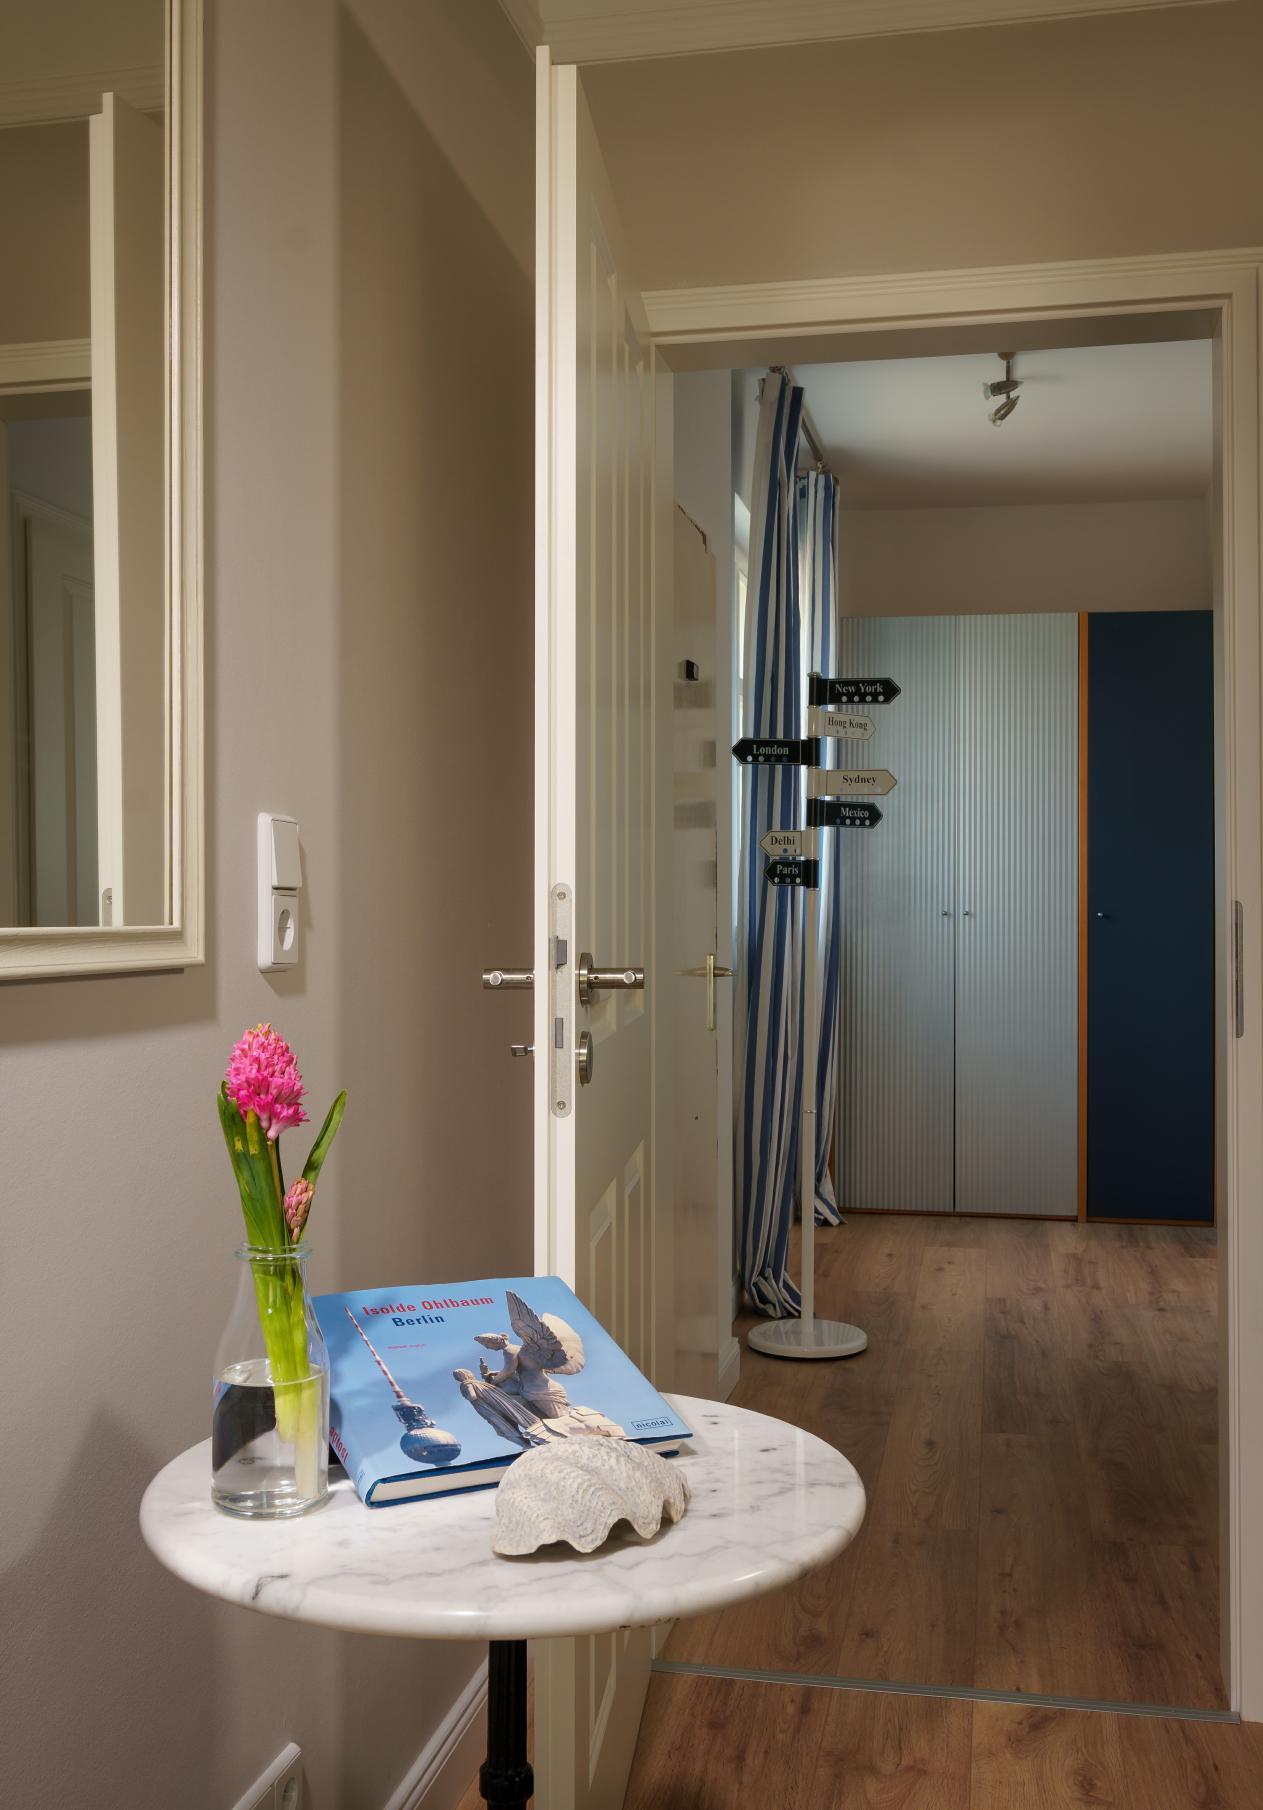 Schlafzimmer berlin lattenroste 90 x 180 schlafzimmer massiv einrichten dachschr ge stoff f r - Poco jalousien ...